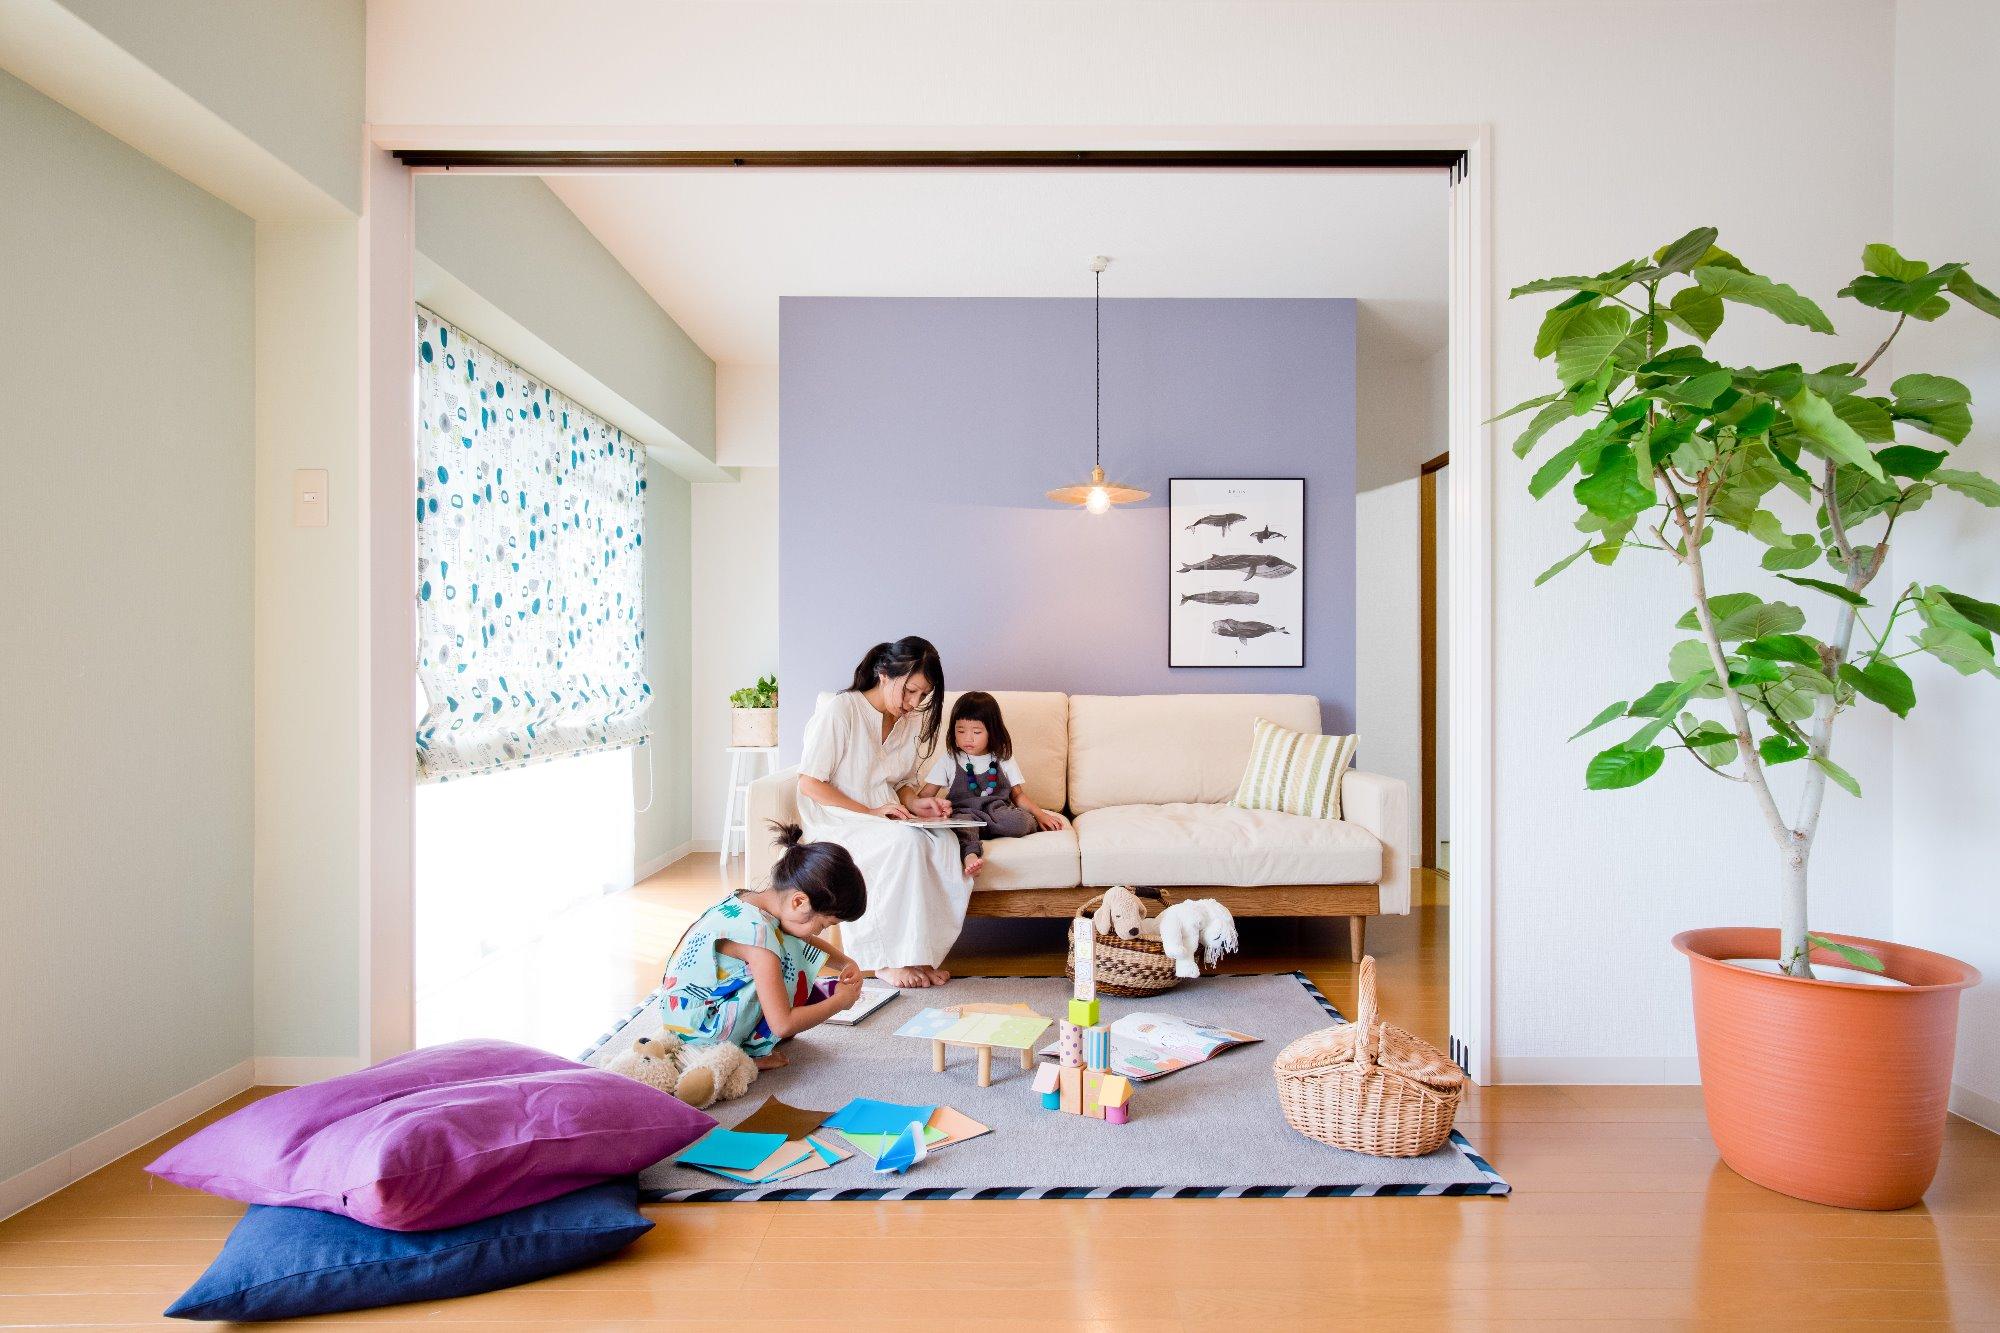 【HDC大阪 くらし向上計画】暮らしのセミナー「私がきれいに見えるウォールカラーの色えらび」(相談会付)